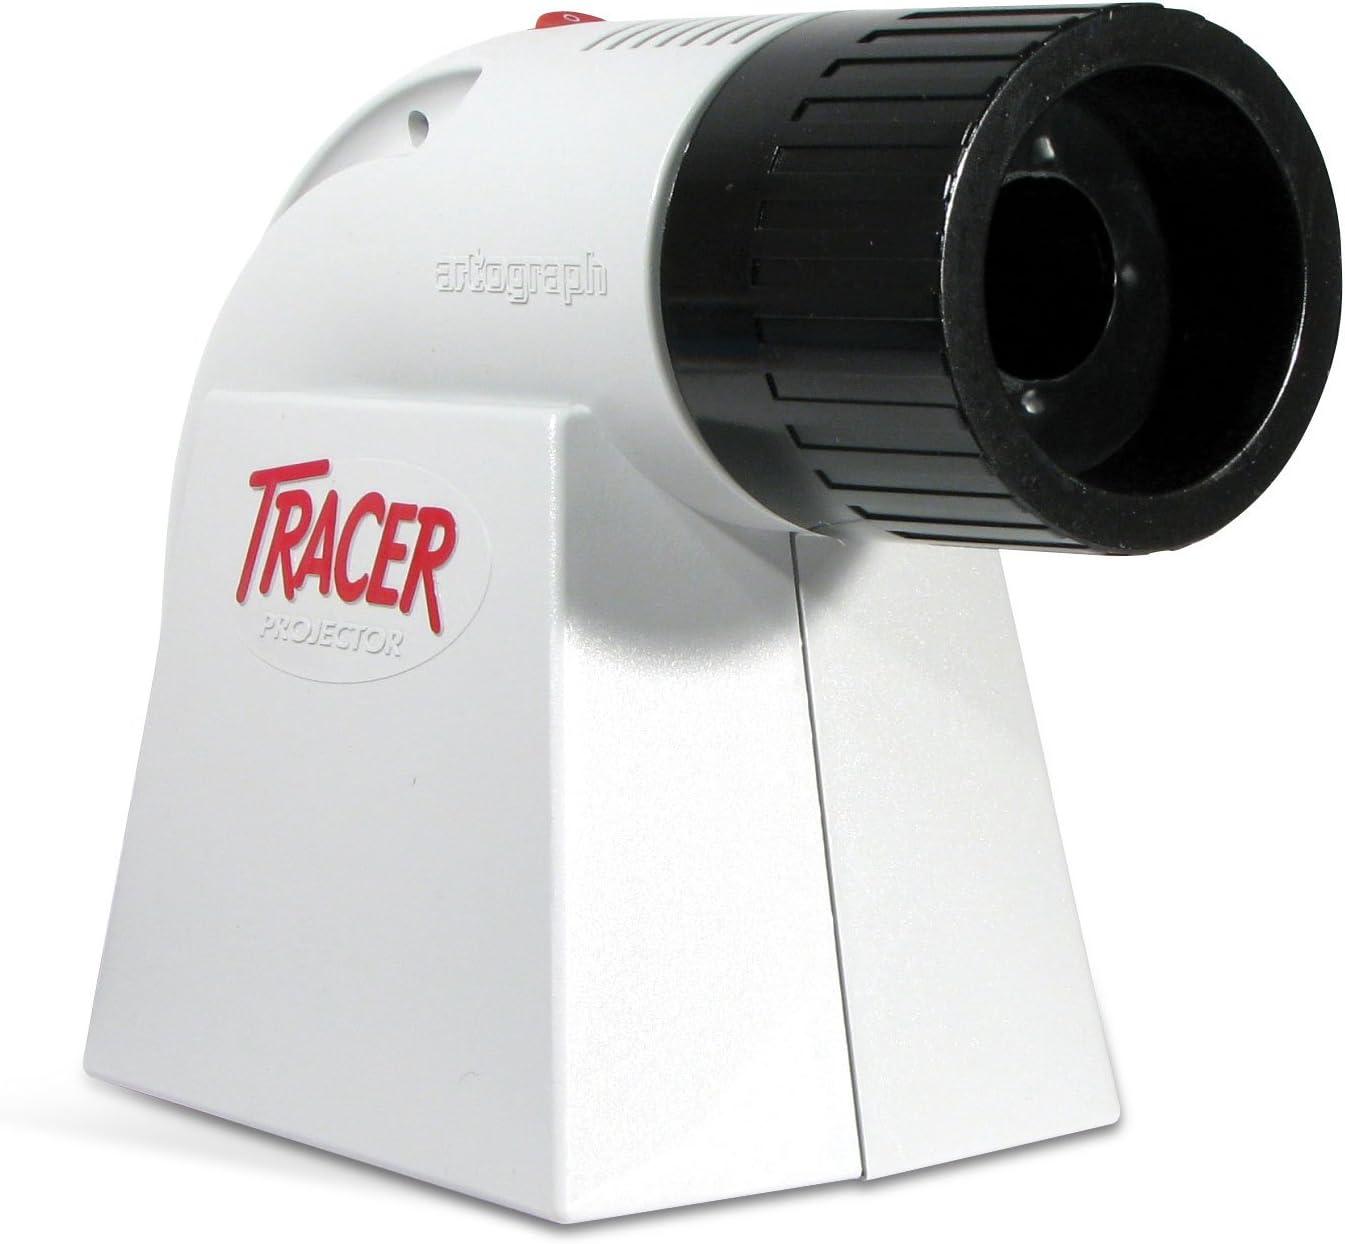 Tracer Projector [Electrónica] Proyector para Escritorio: Amazon ...